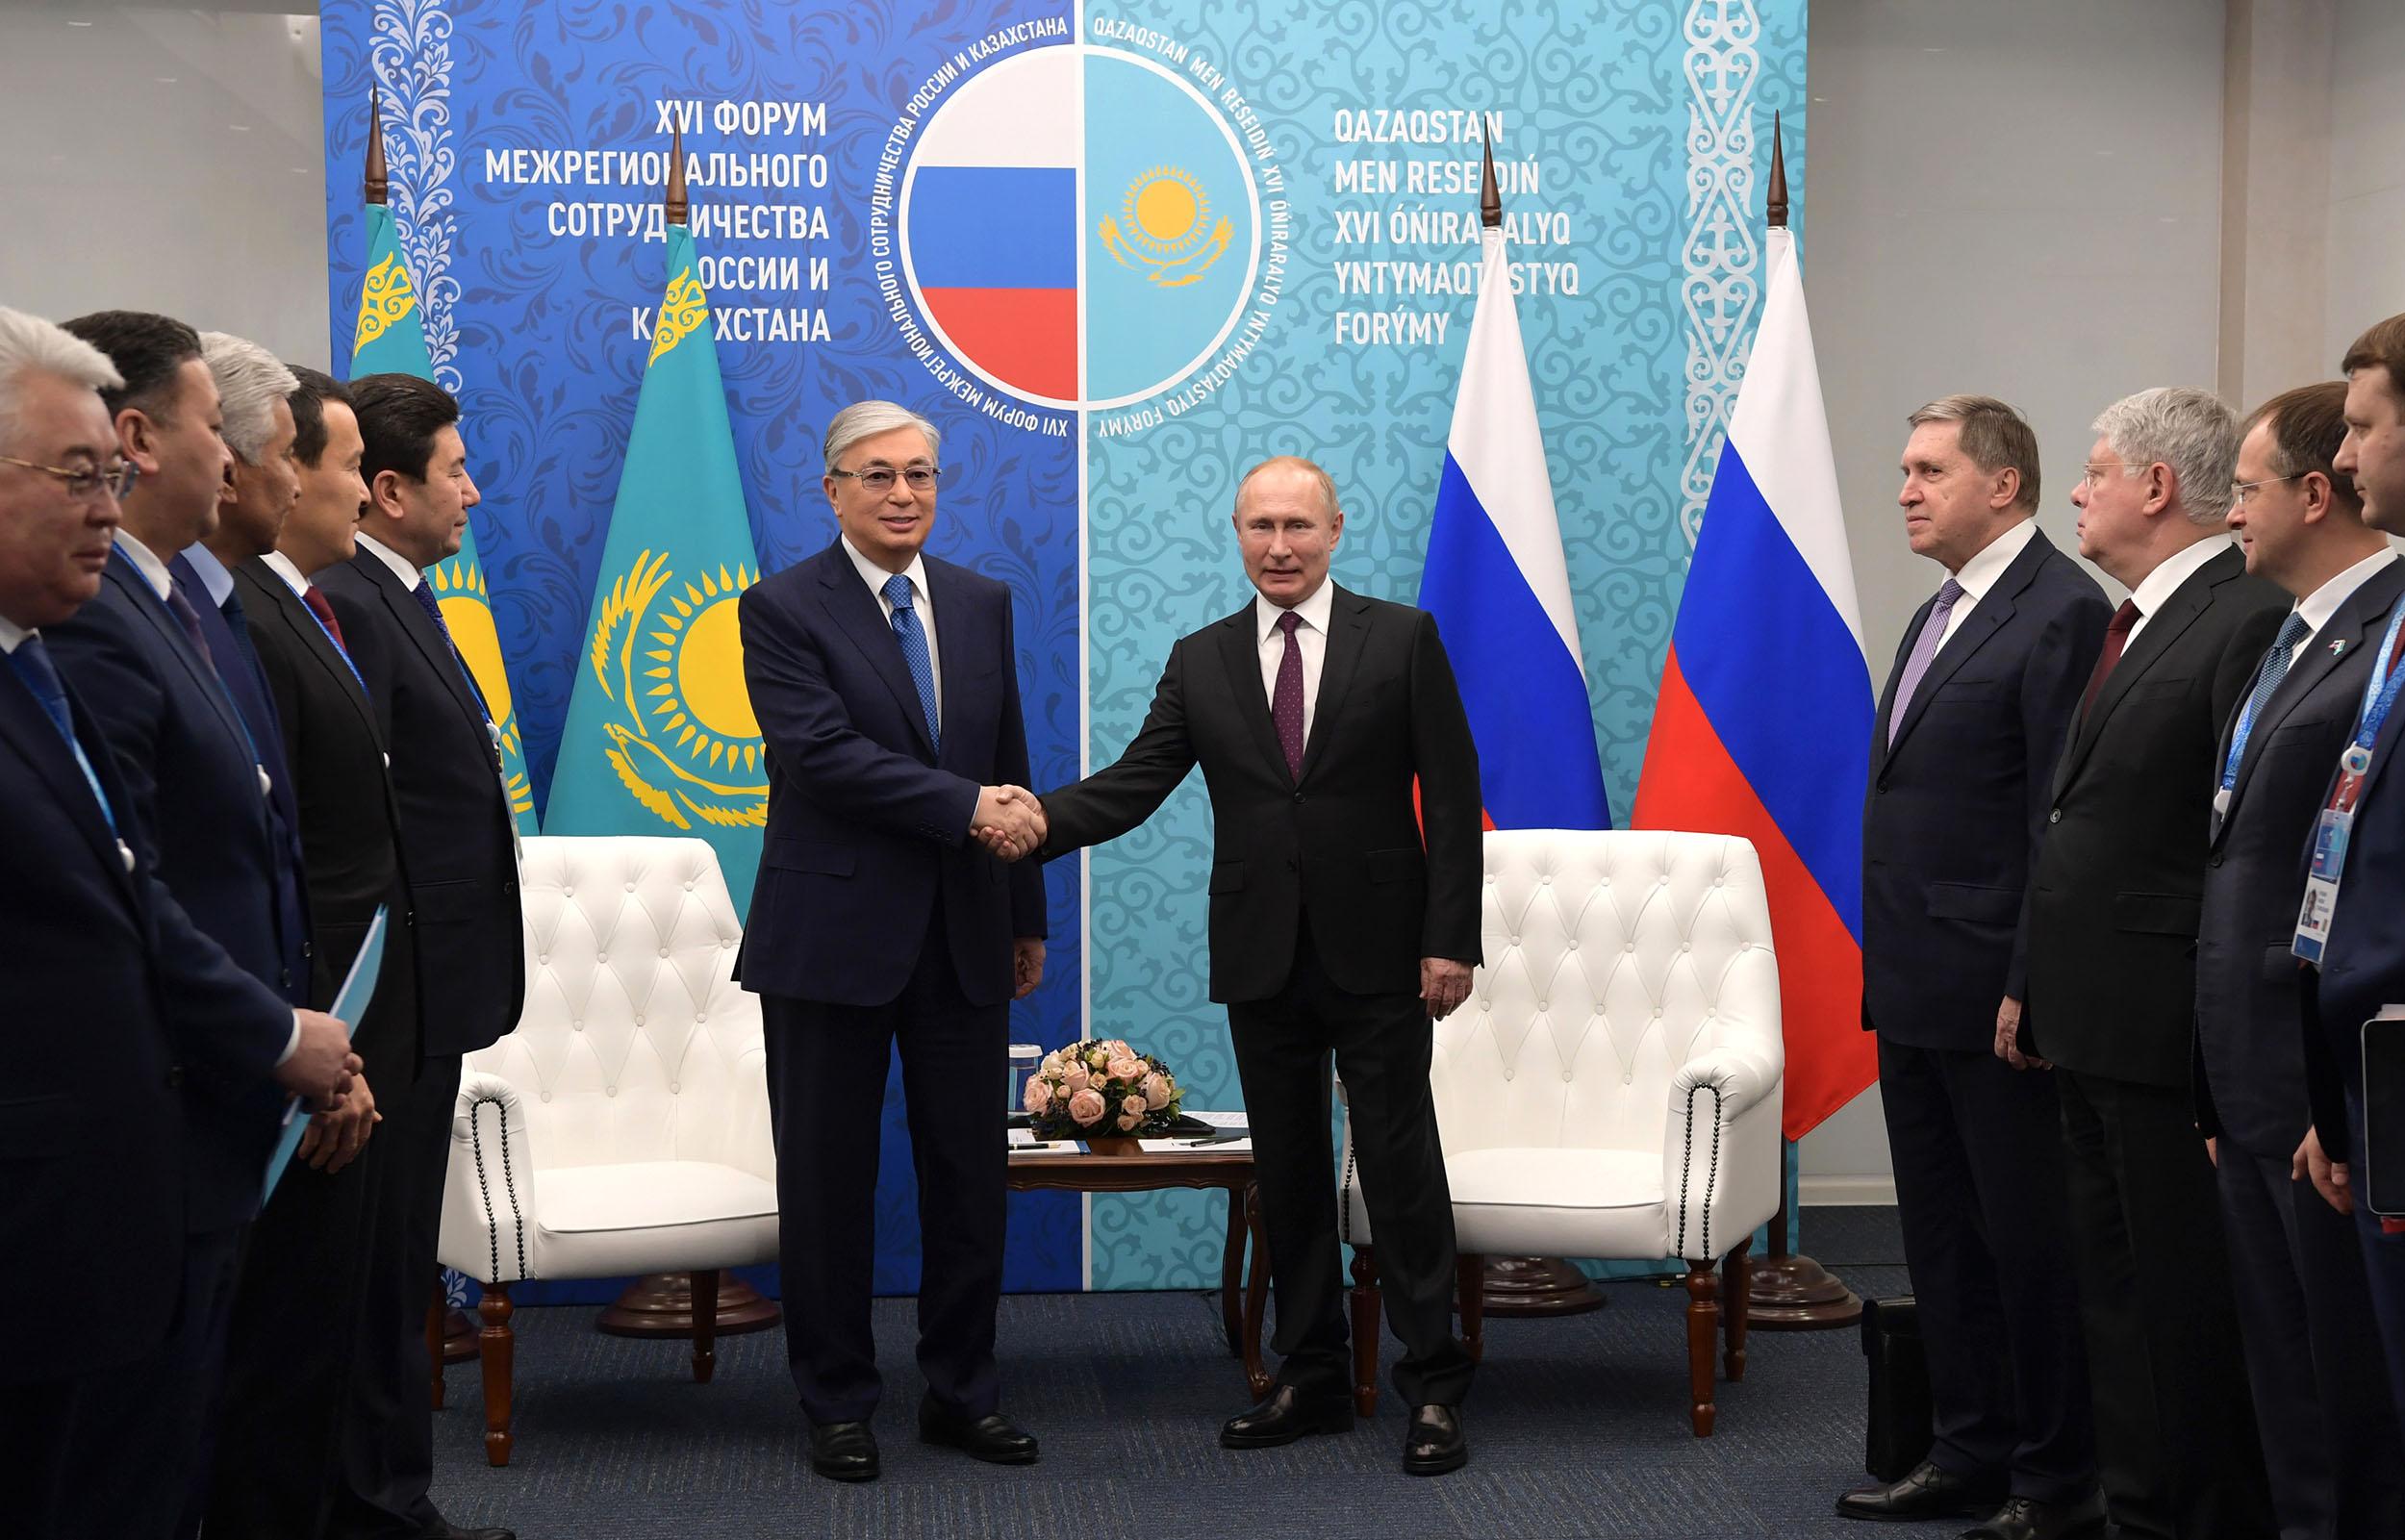 Қасым-Жомарт Тоқаев Владимир Путинмен кездесті